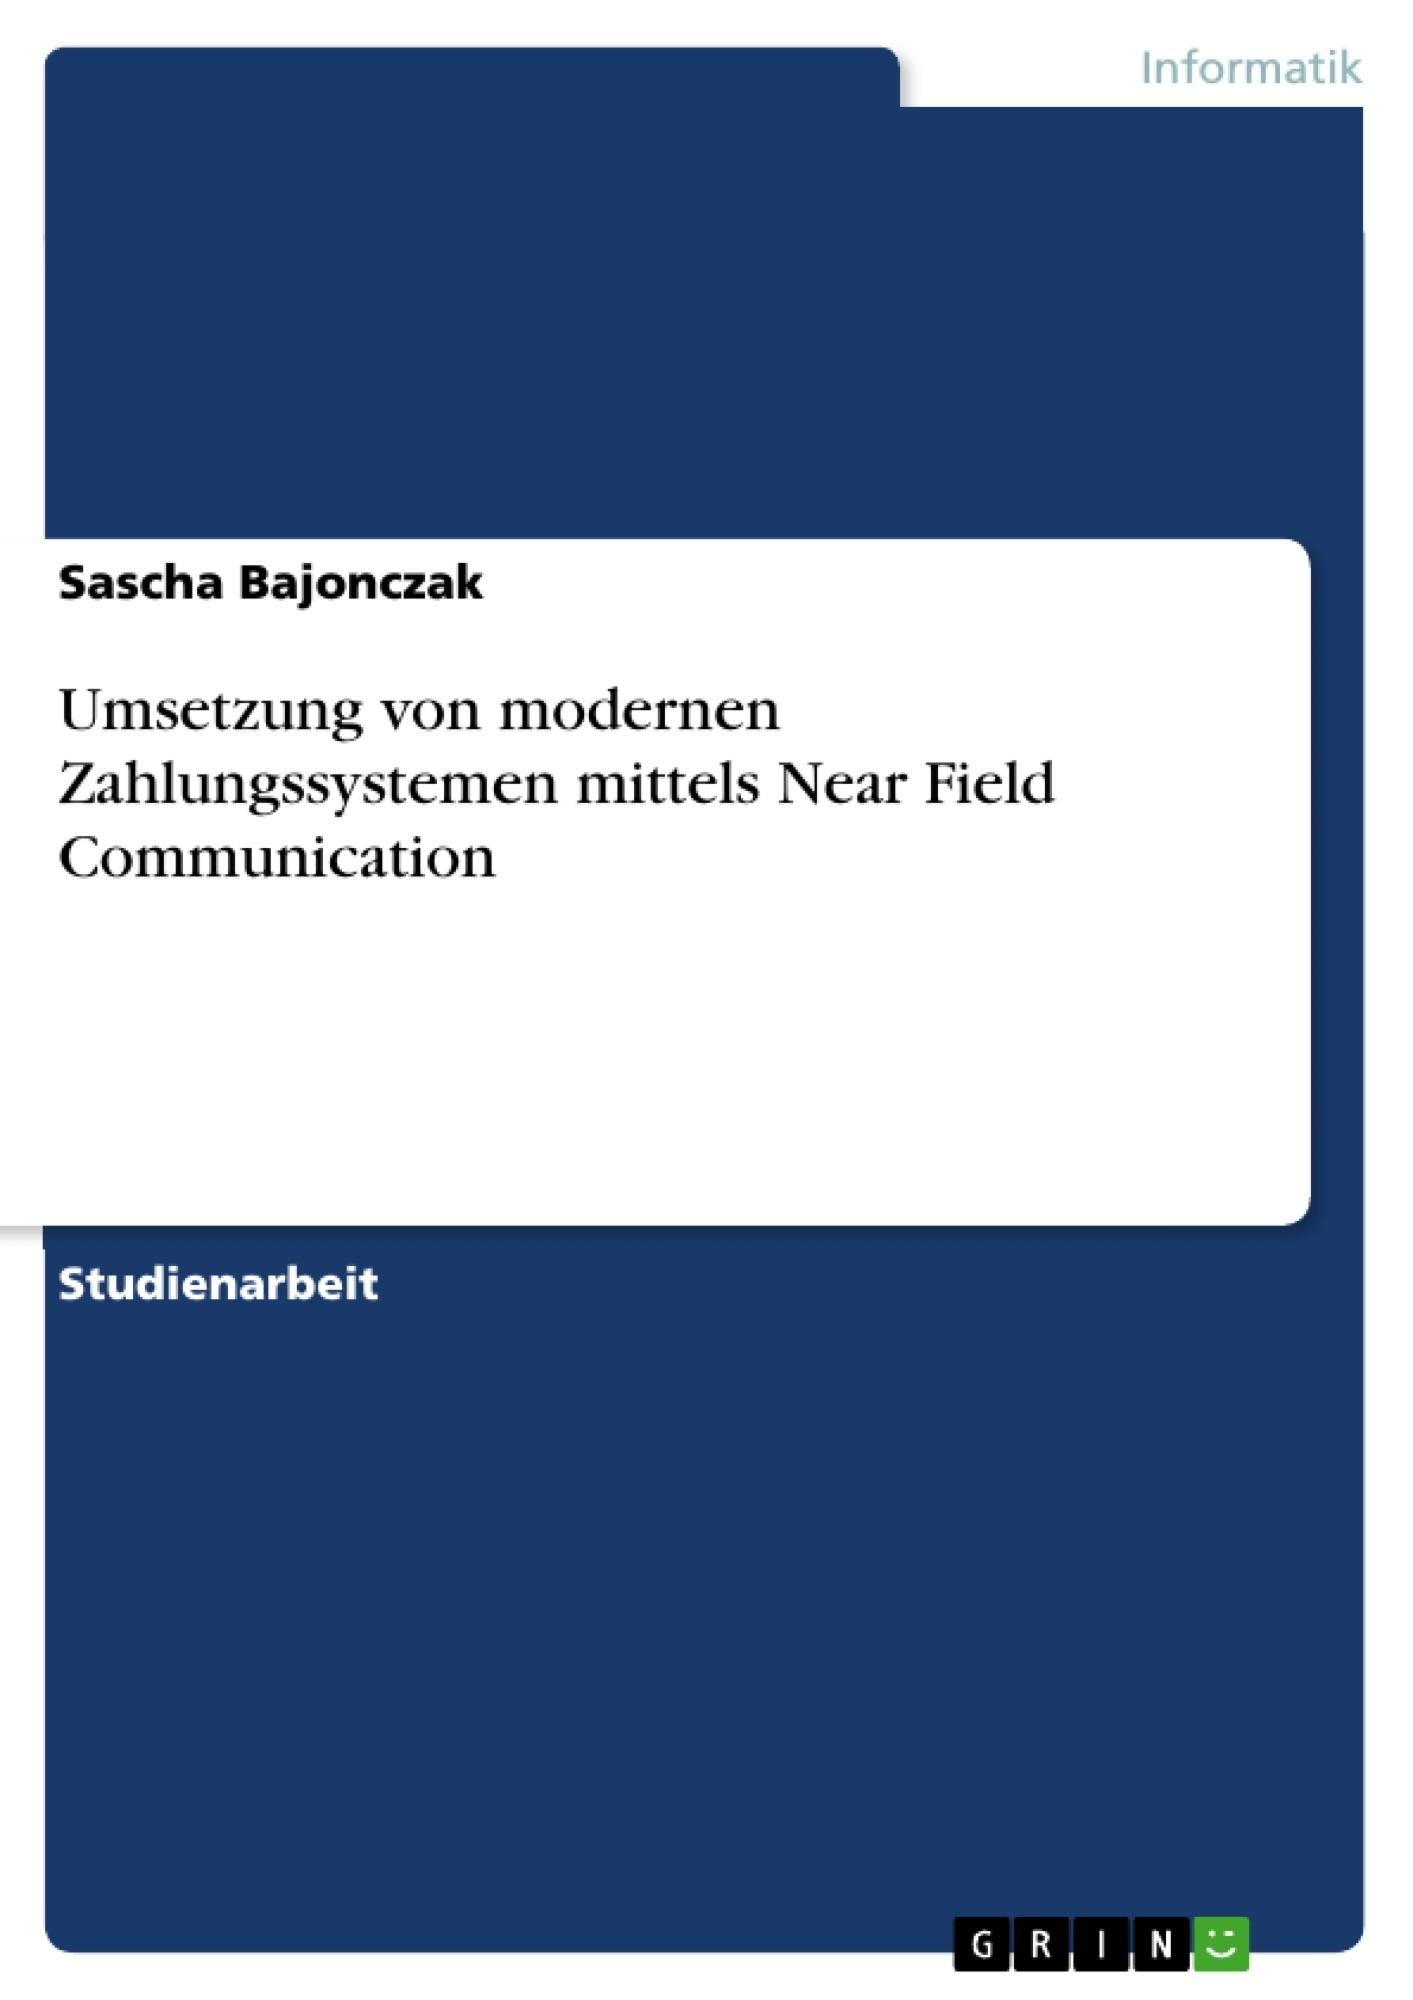 Titel: Umsetzung von modernen Zahlungssystemen mittels Near Field Communication